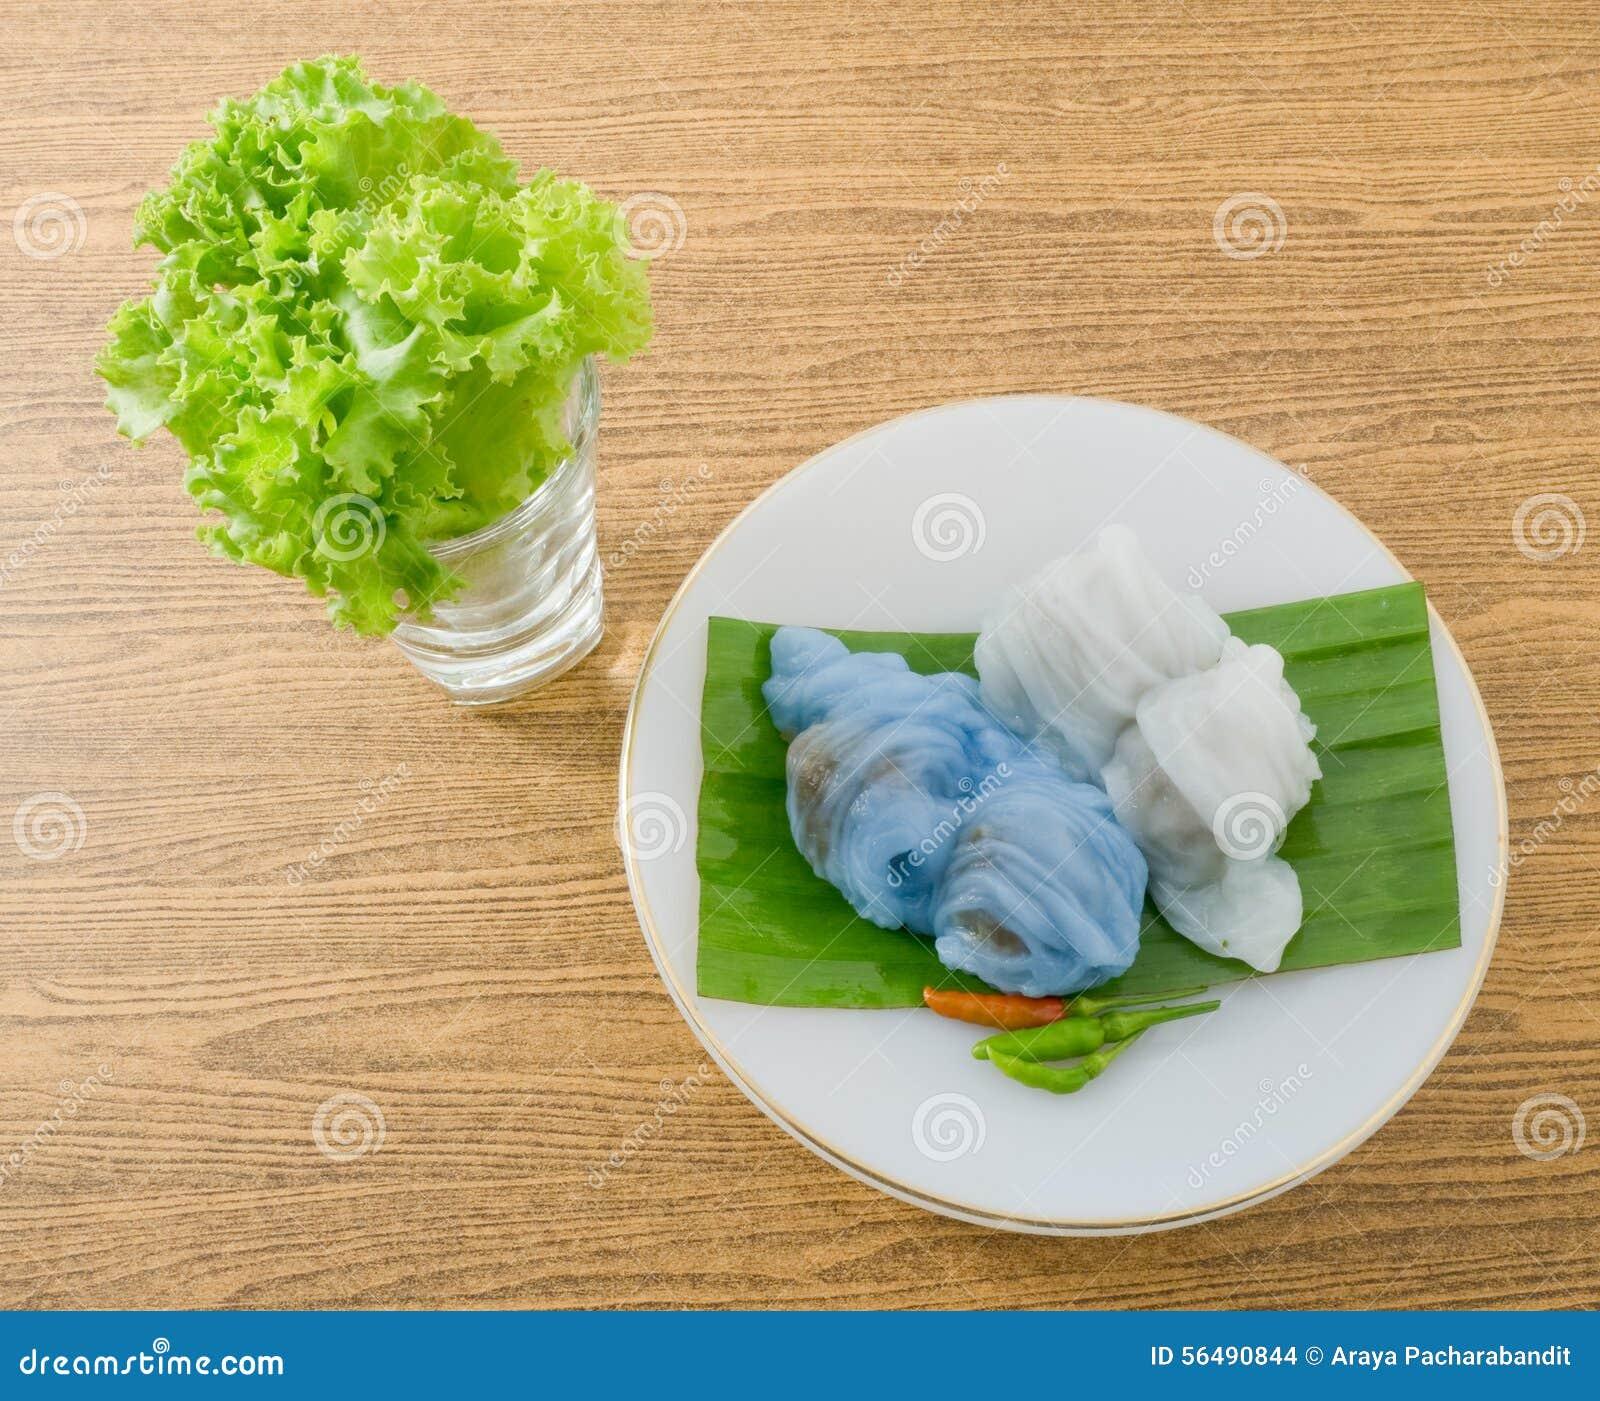 Boulette cuite à la vapeur thaïlandaise de peau de riz servie avec de la laitue